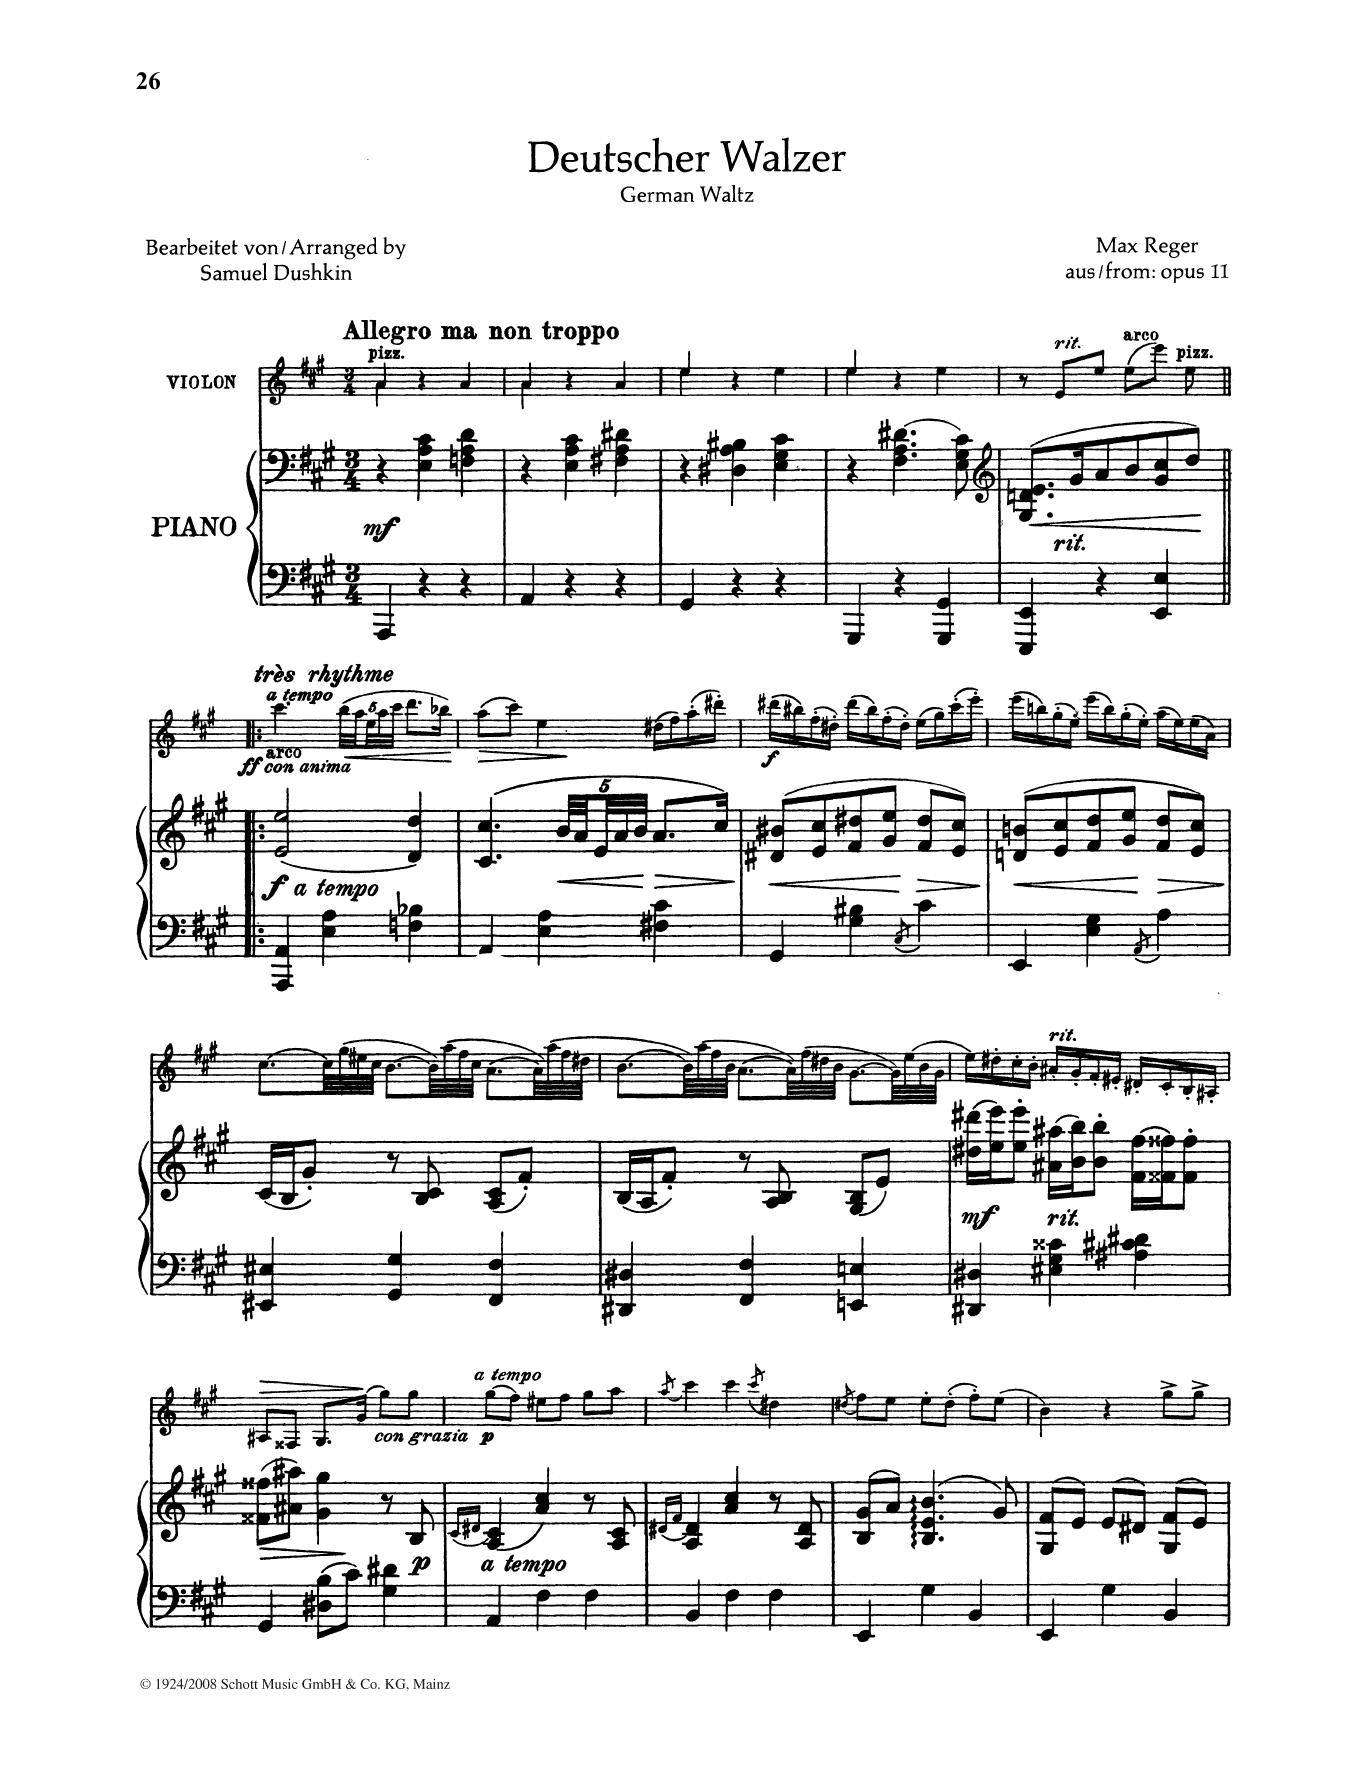 Deutscher Walzer Sheet Music